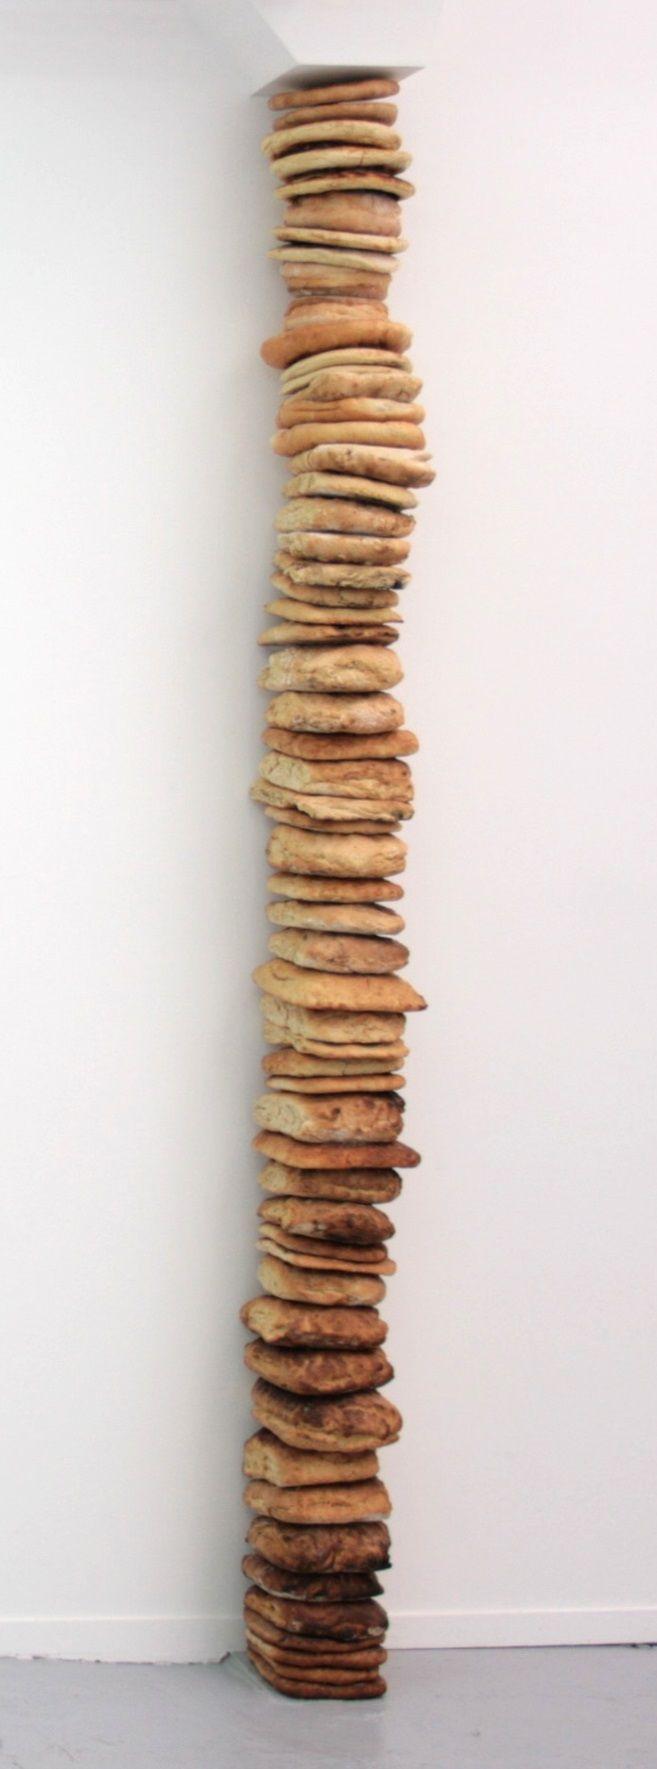 09-coraline-de-chiara-d-une-ligne-issue-de-lignes-pains-2016-f036c2b18f6d18e0c4d2d9a46b152e1e